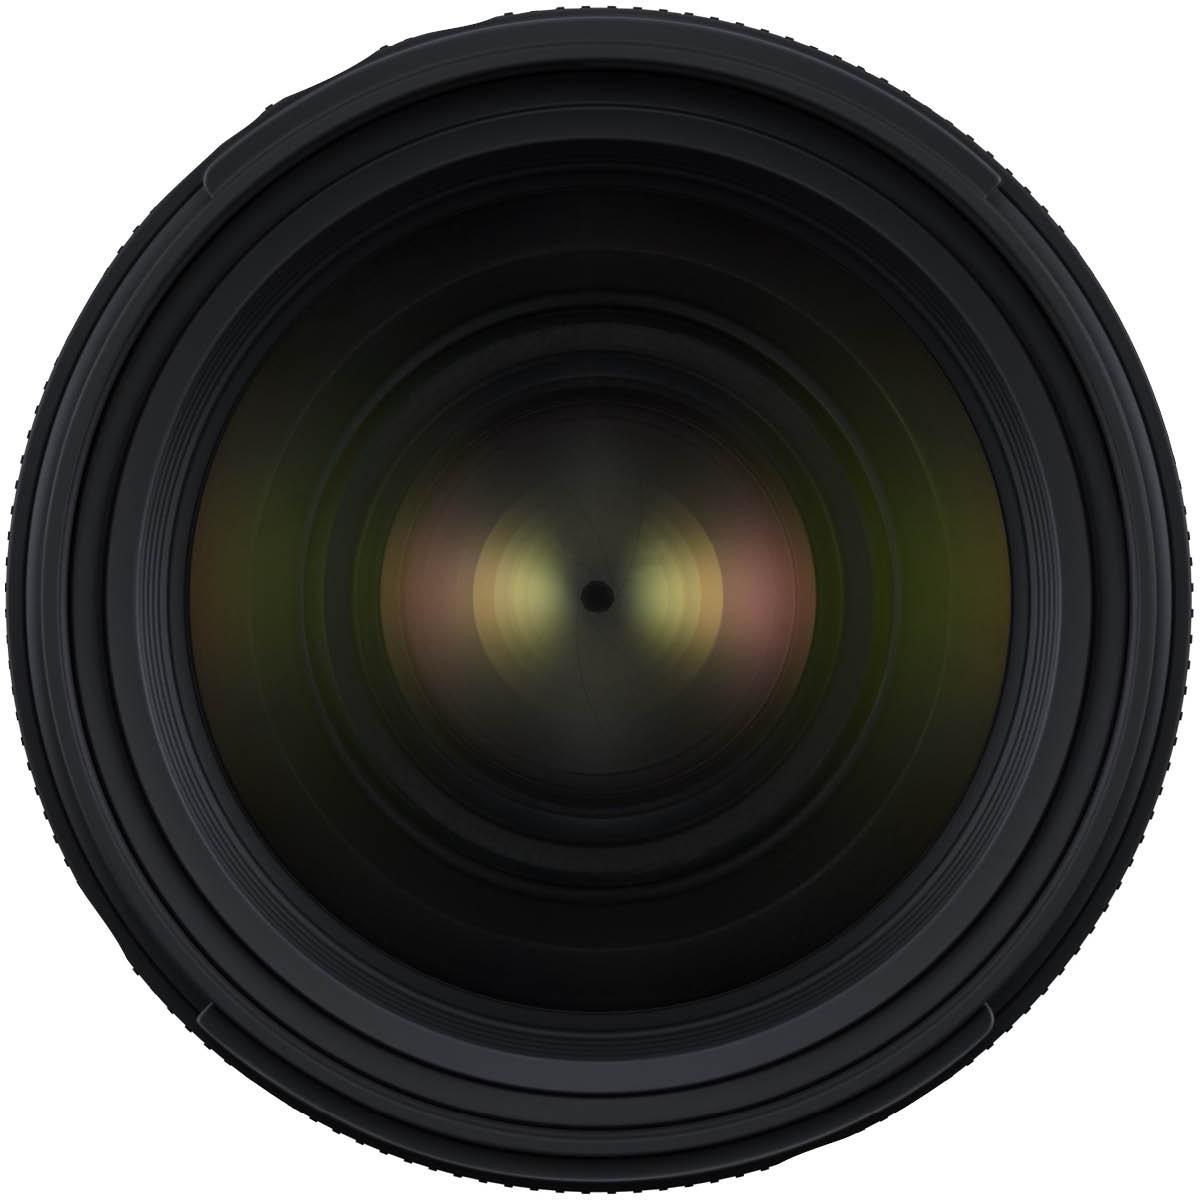 Tamron 35 mm 1:1,4 DI USD EF